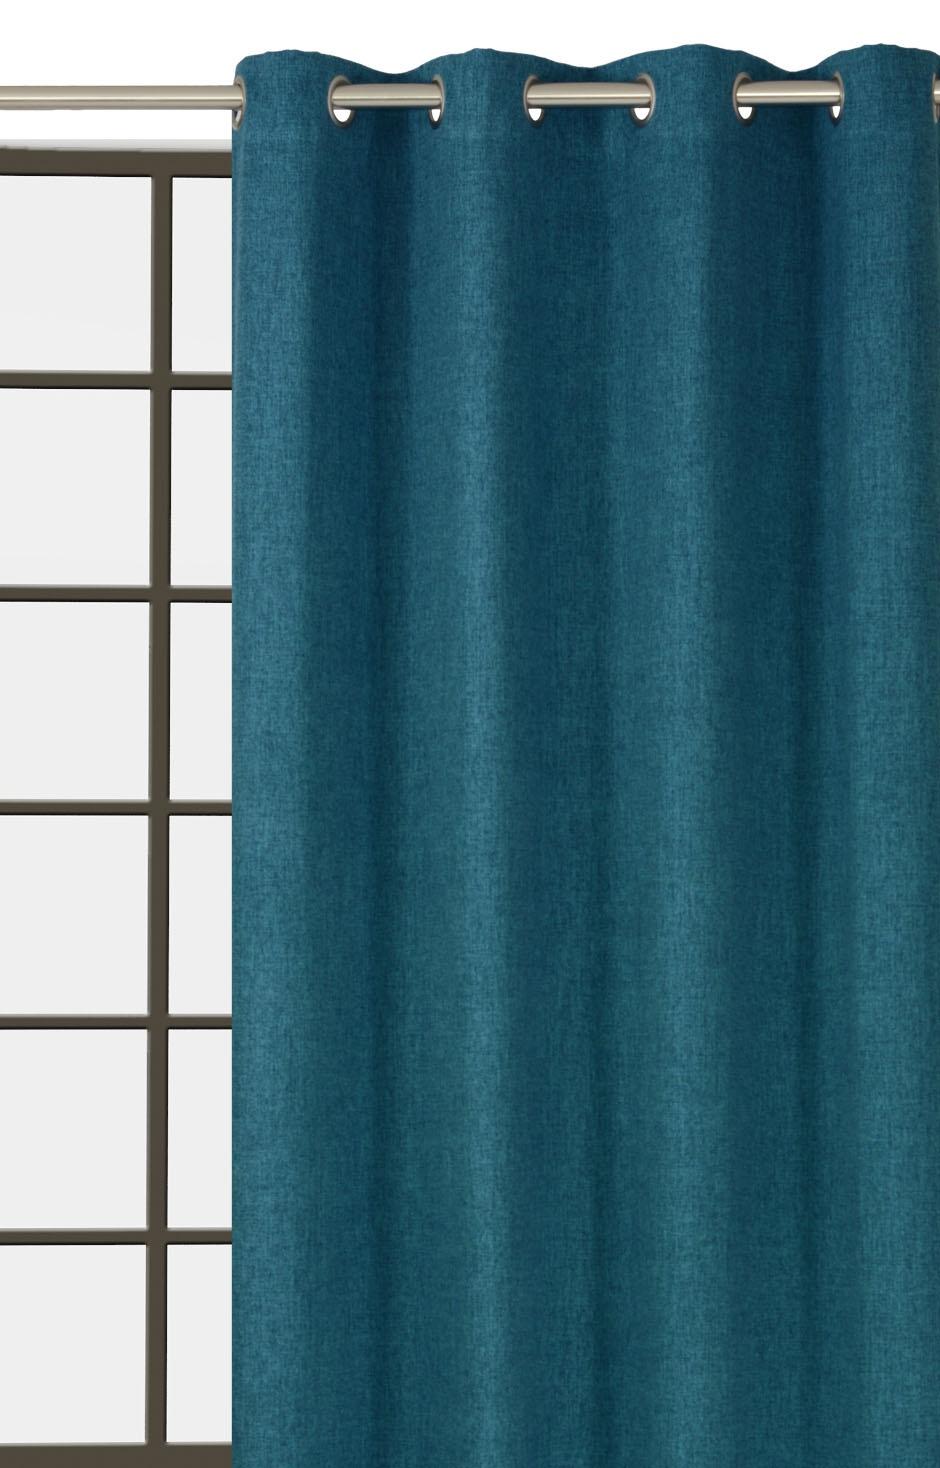 SHANGRILA Teal Blue